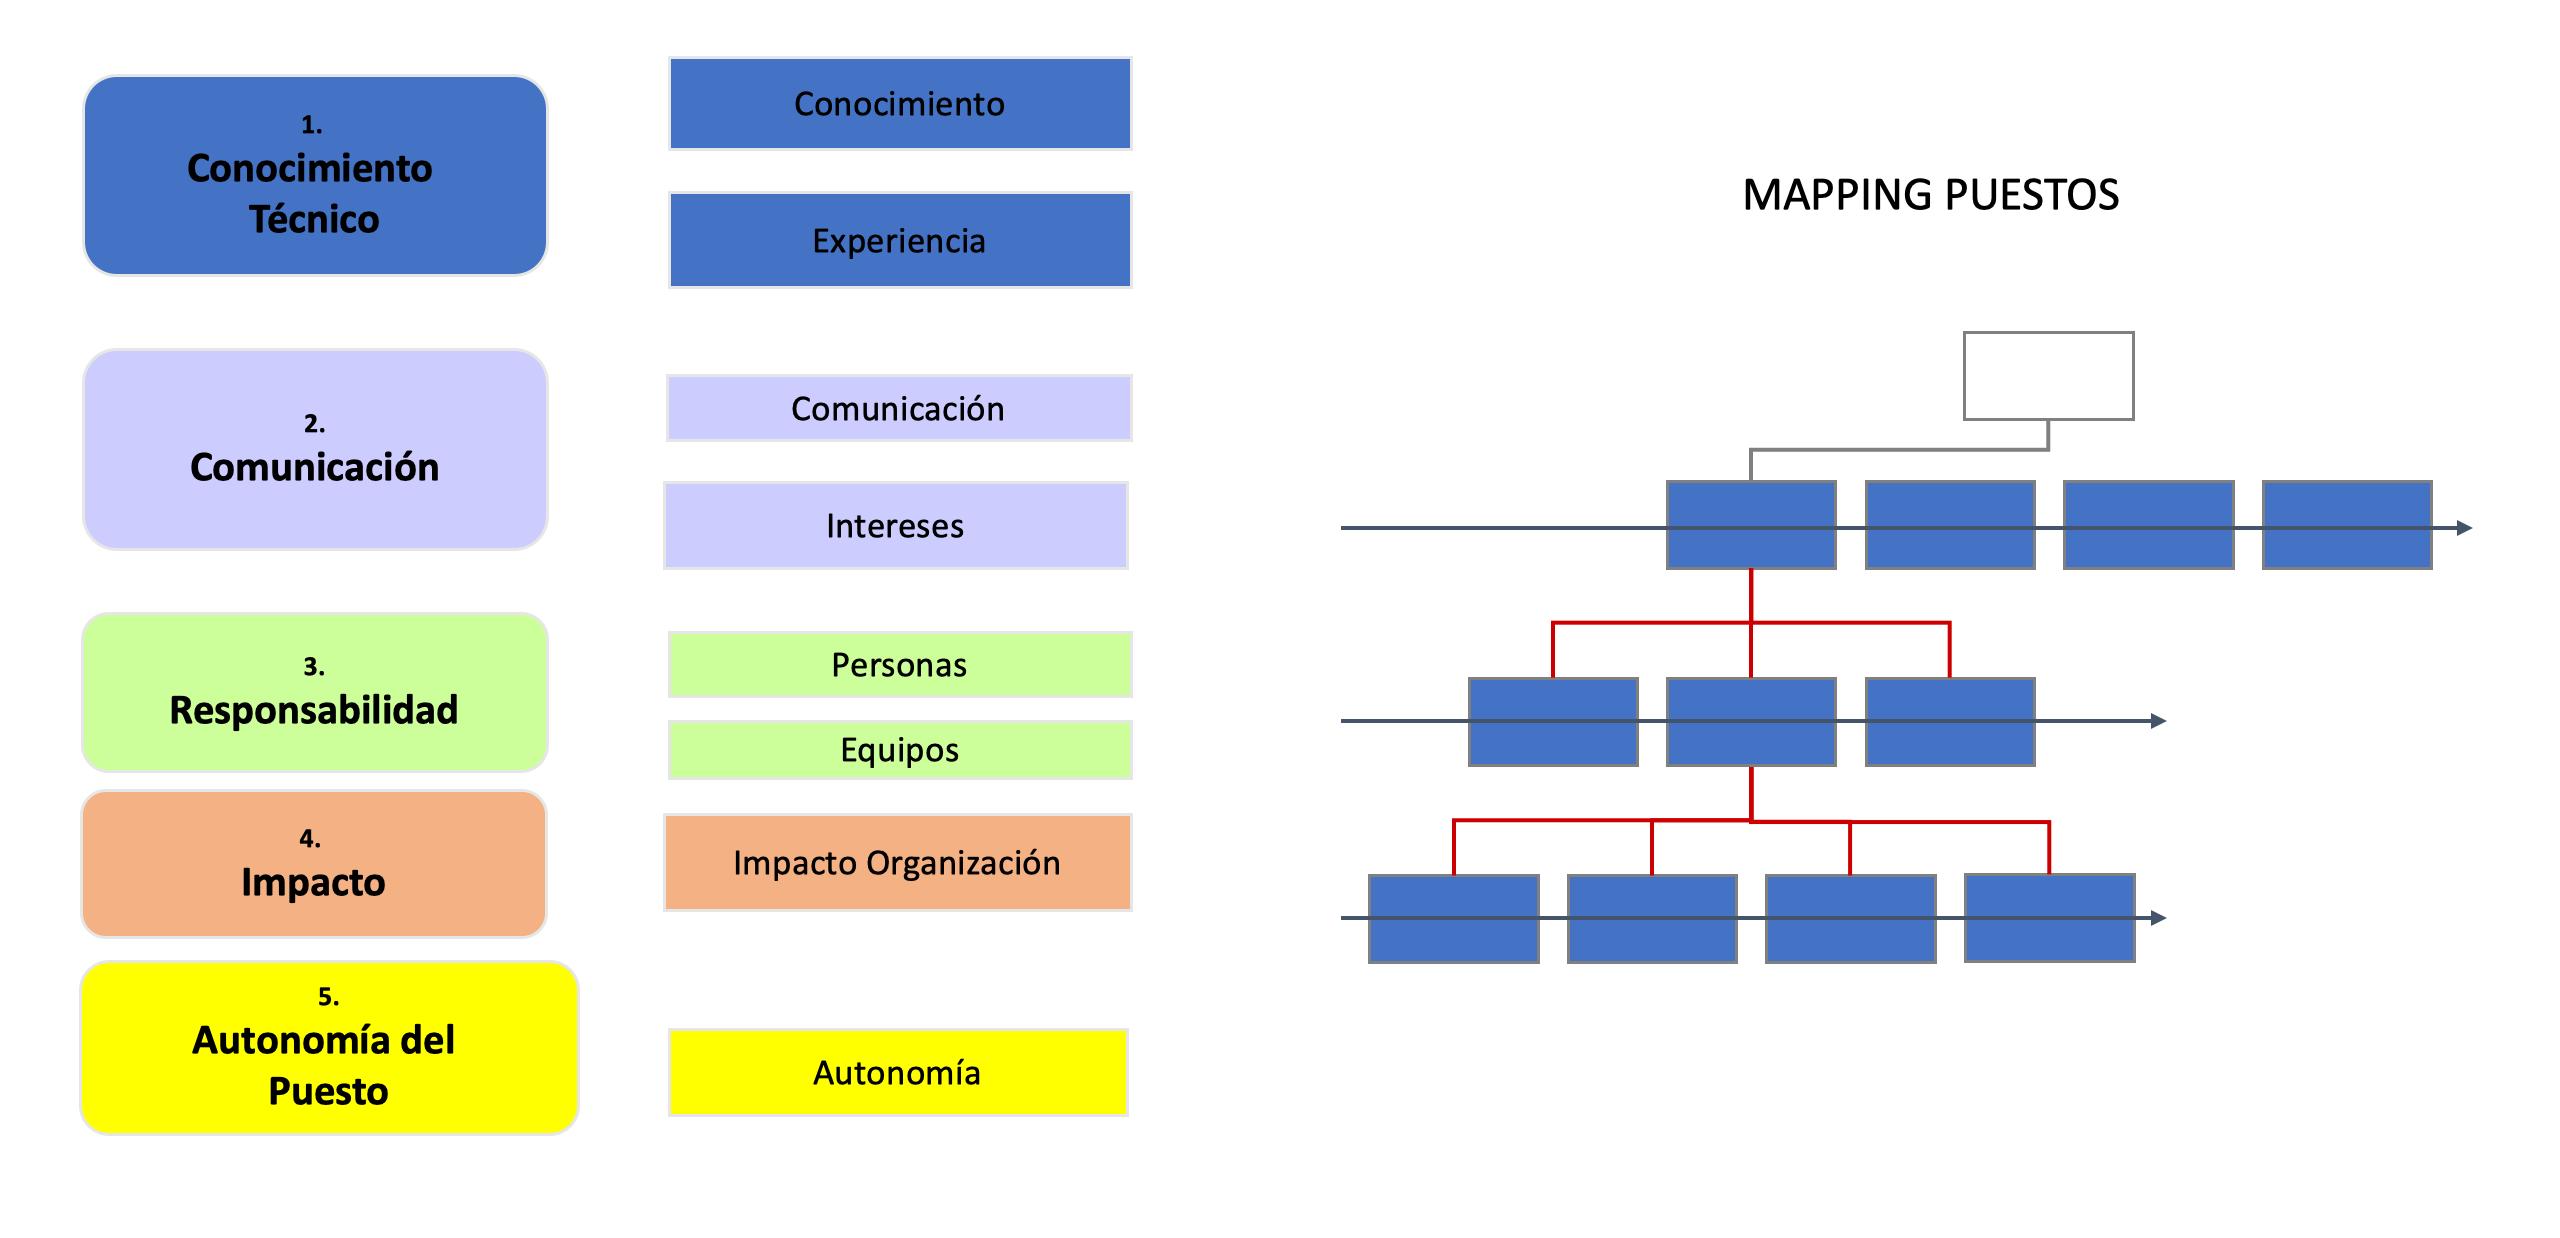 Análisis de organización. Valoración puestos